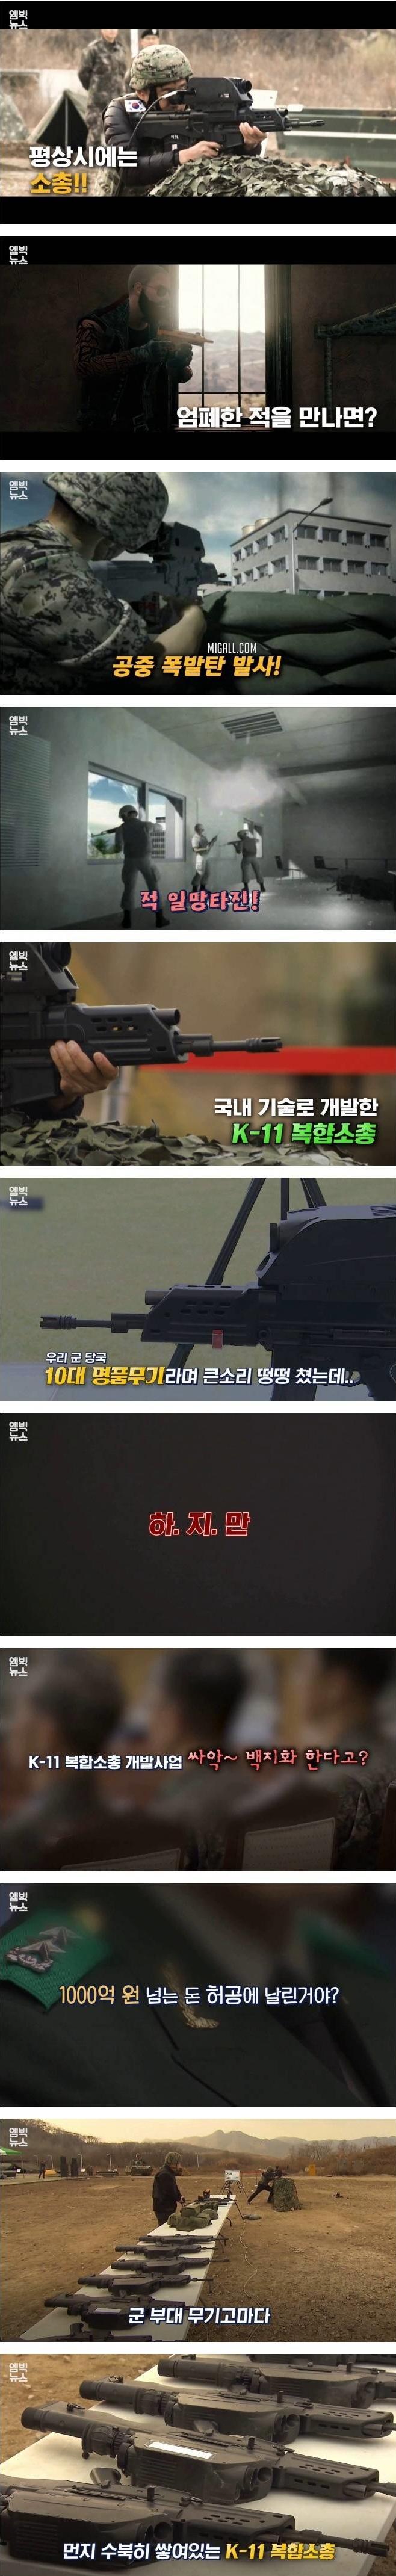 [유머] 1000억원 투입한 K-11 복합소총 사업 -  와이드섬